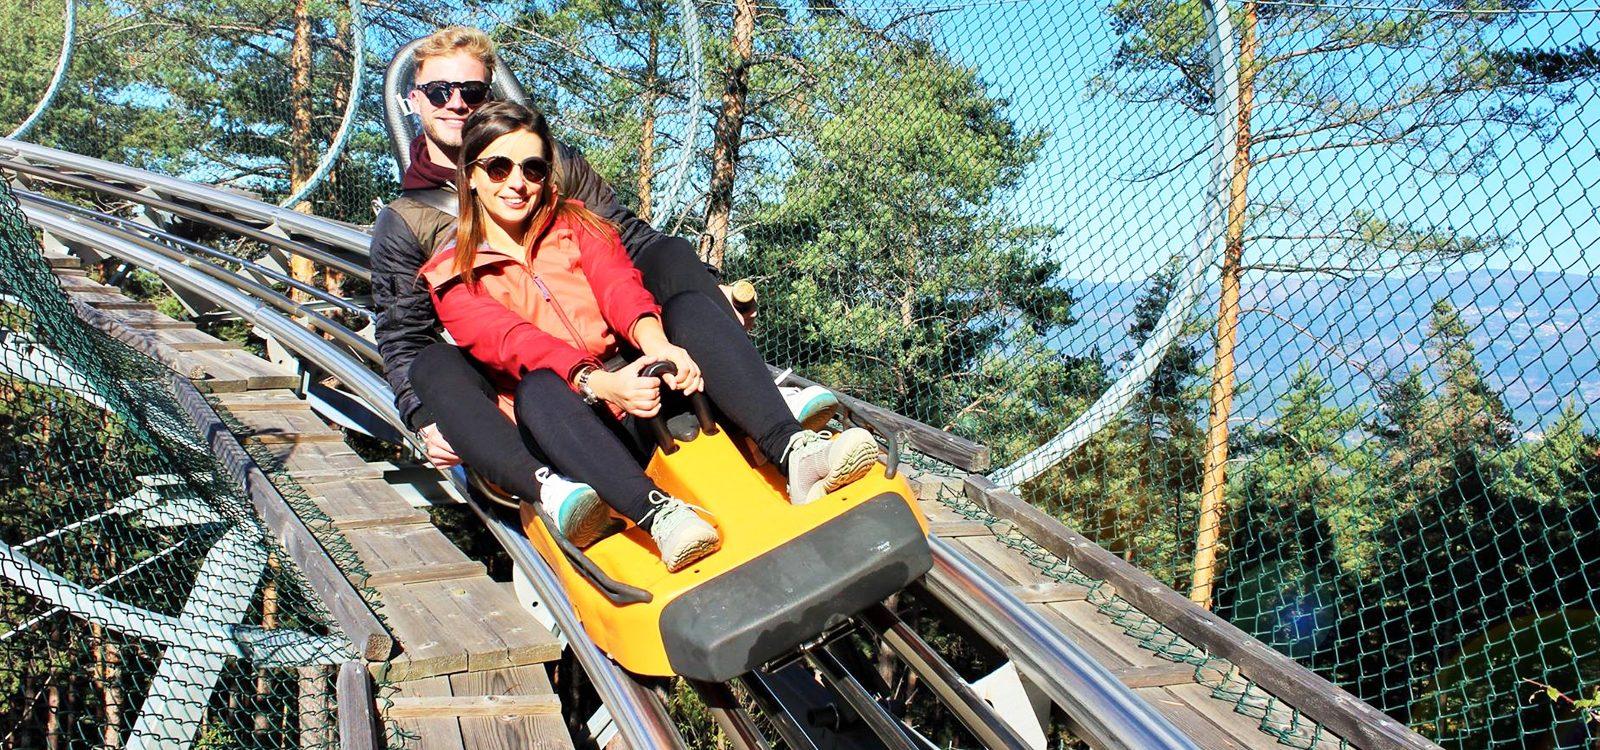 pena aventura parque de actividades en el norte de Portugal